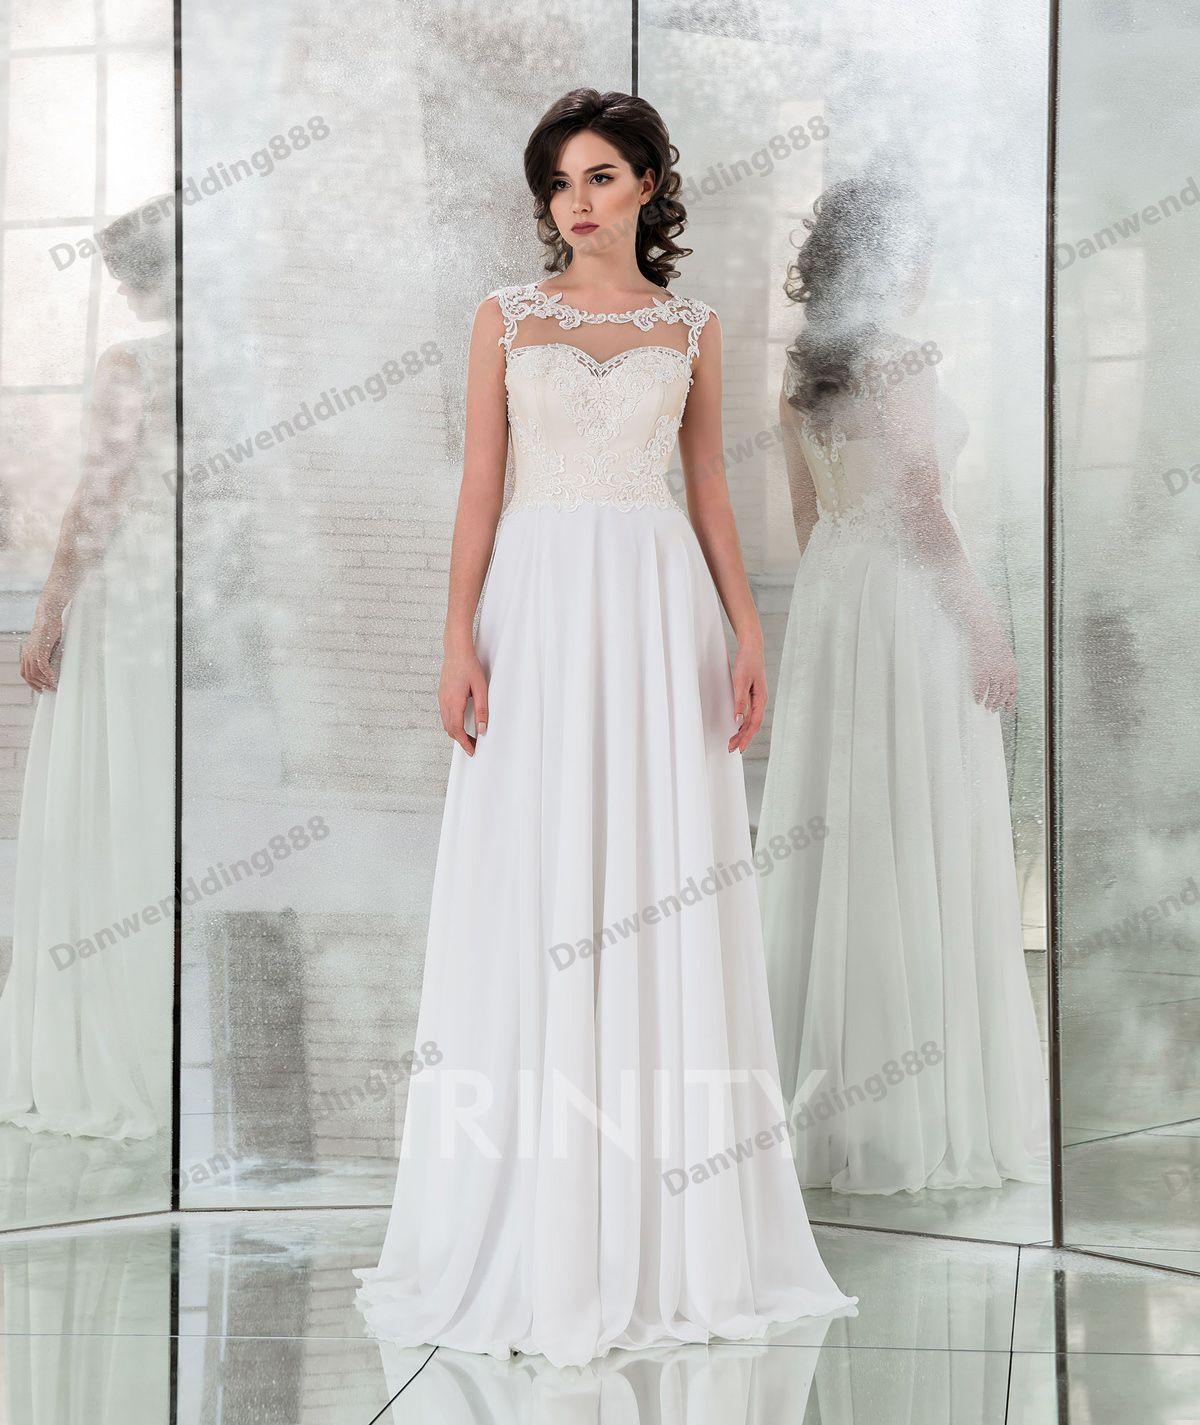 Красота слоновой кости шифон совок аппликация ножна свадебные платья свадебные платья свадебные платья свадебные платья на заказ размер 2-16 zw713267